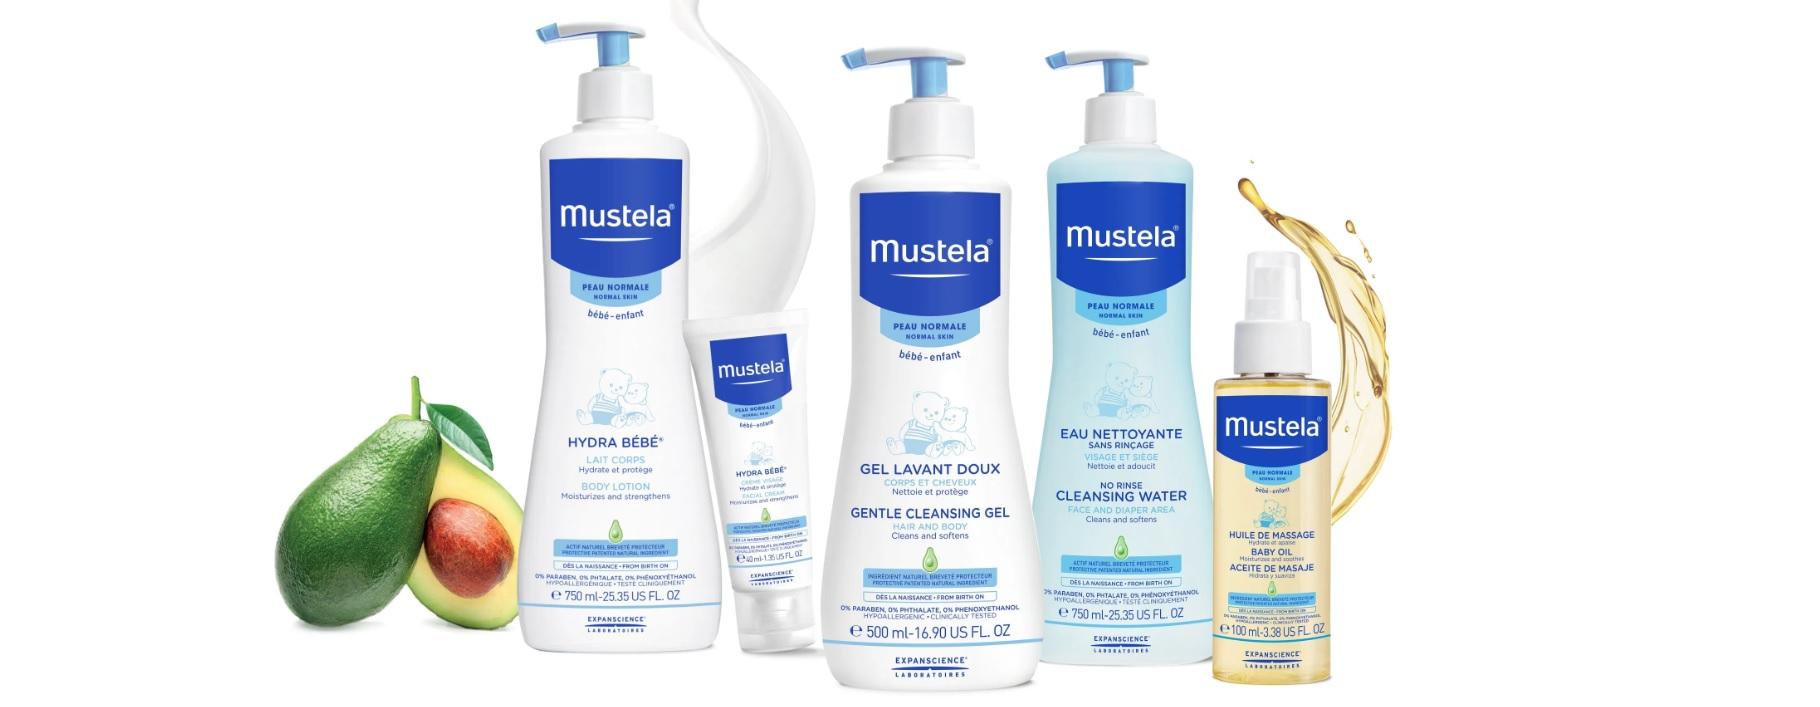 Mustela piel normal productos en farma2go